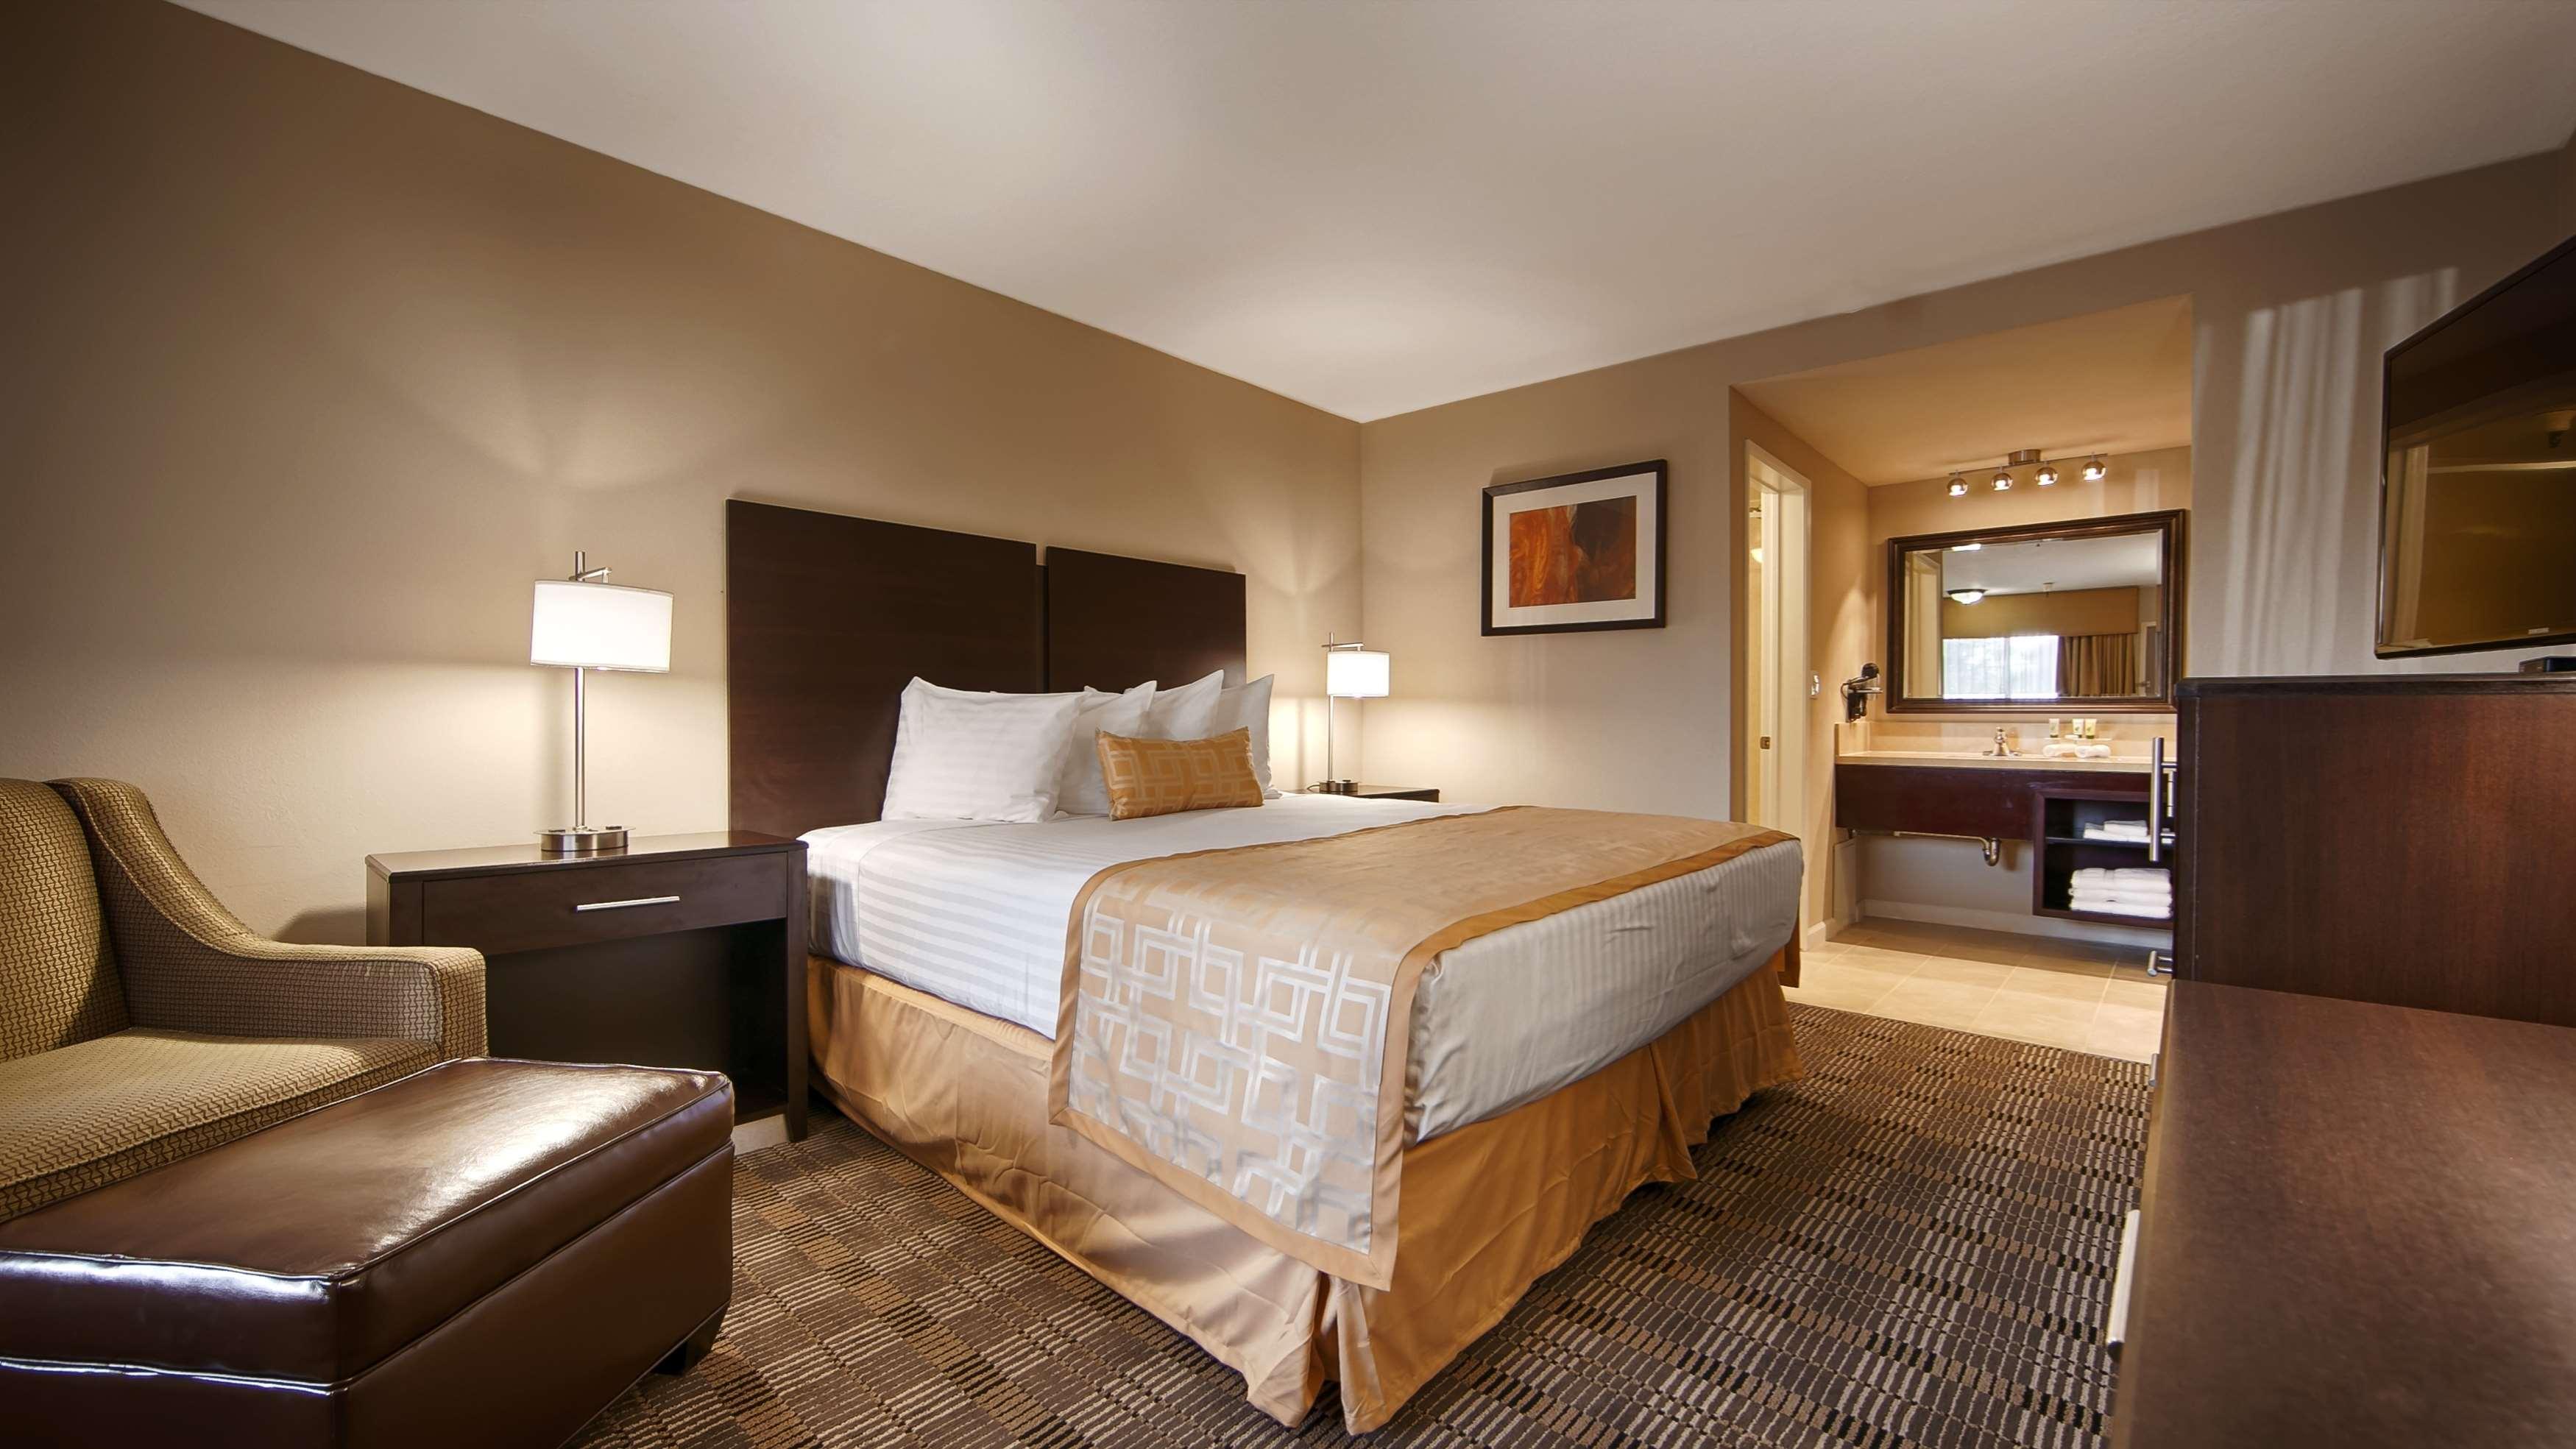 Best Western Pasadena Royale Inn & Suites image 3